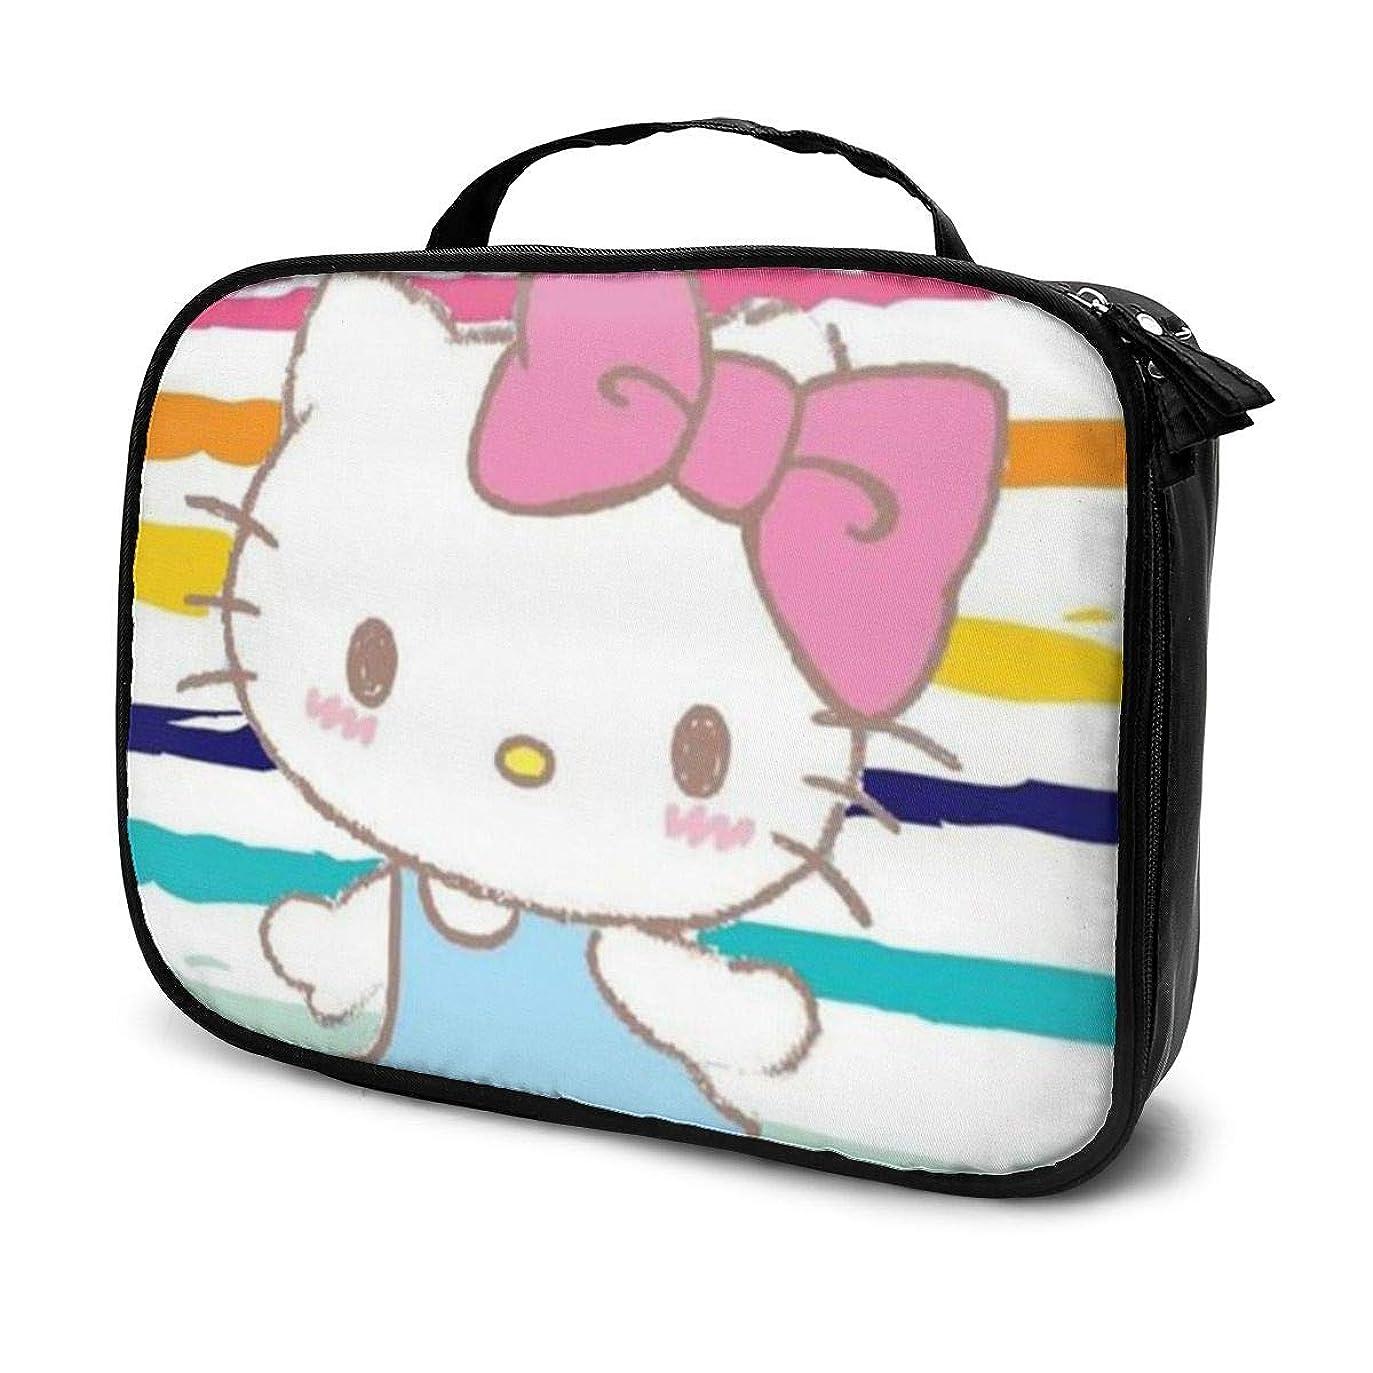 感嘆秘密の封建Daitu夏のハローキティ 化粧品袋の女性旅行バッグ収納大容量防水アクセサリー旅行